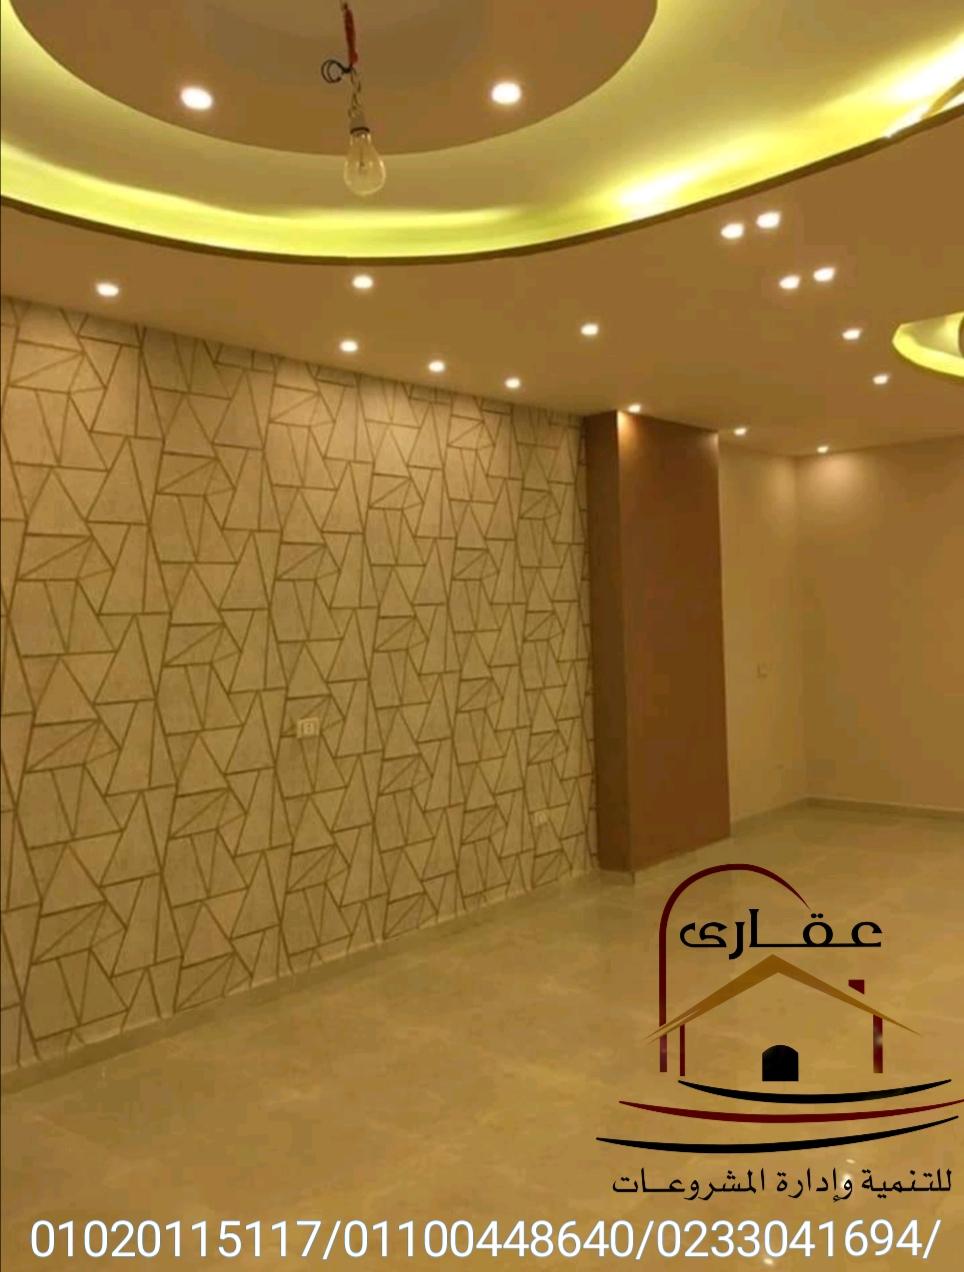 شركة تشطيب دهانات -  شركات تشطيب دهانات  (عقارى 01020115117) Whats256